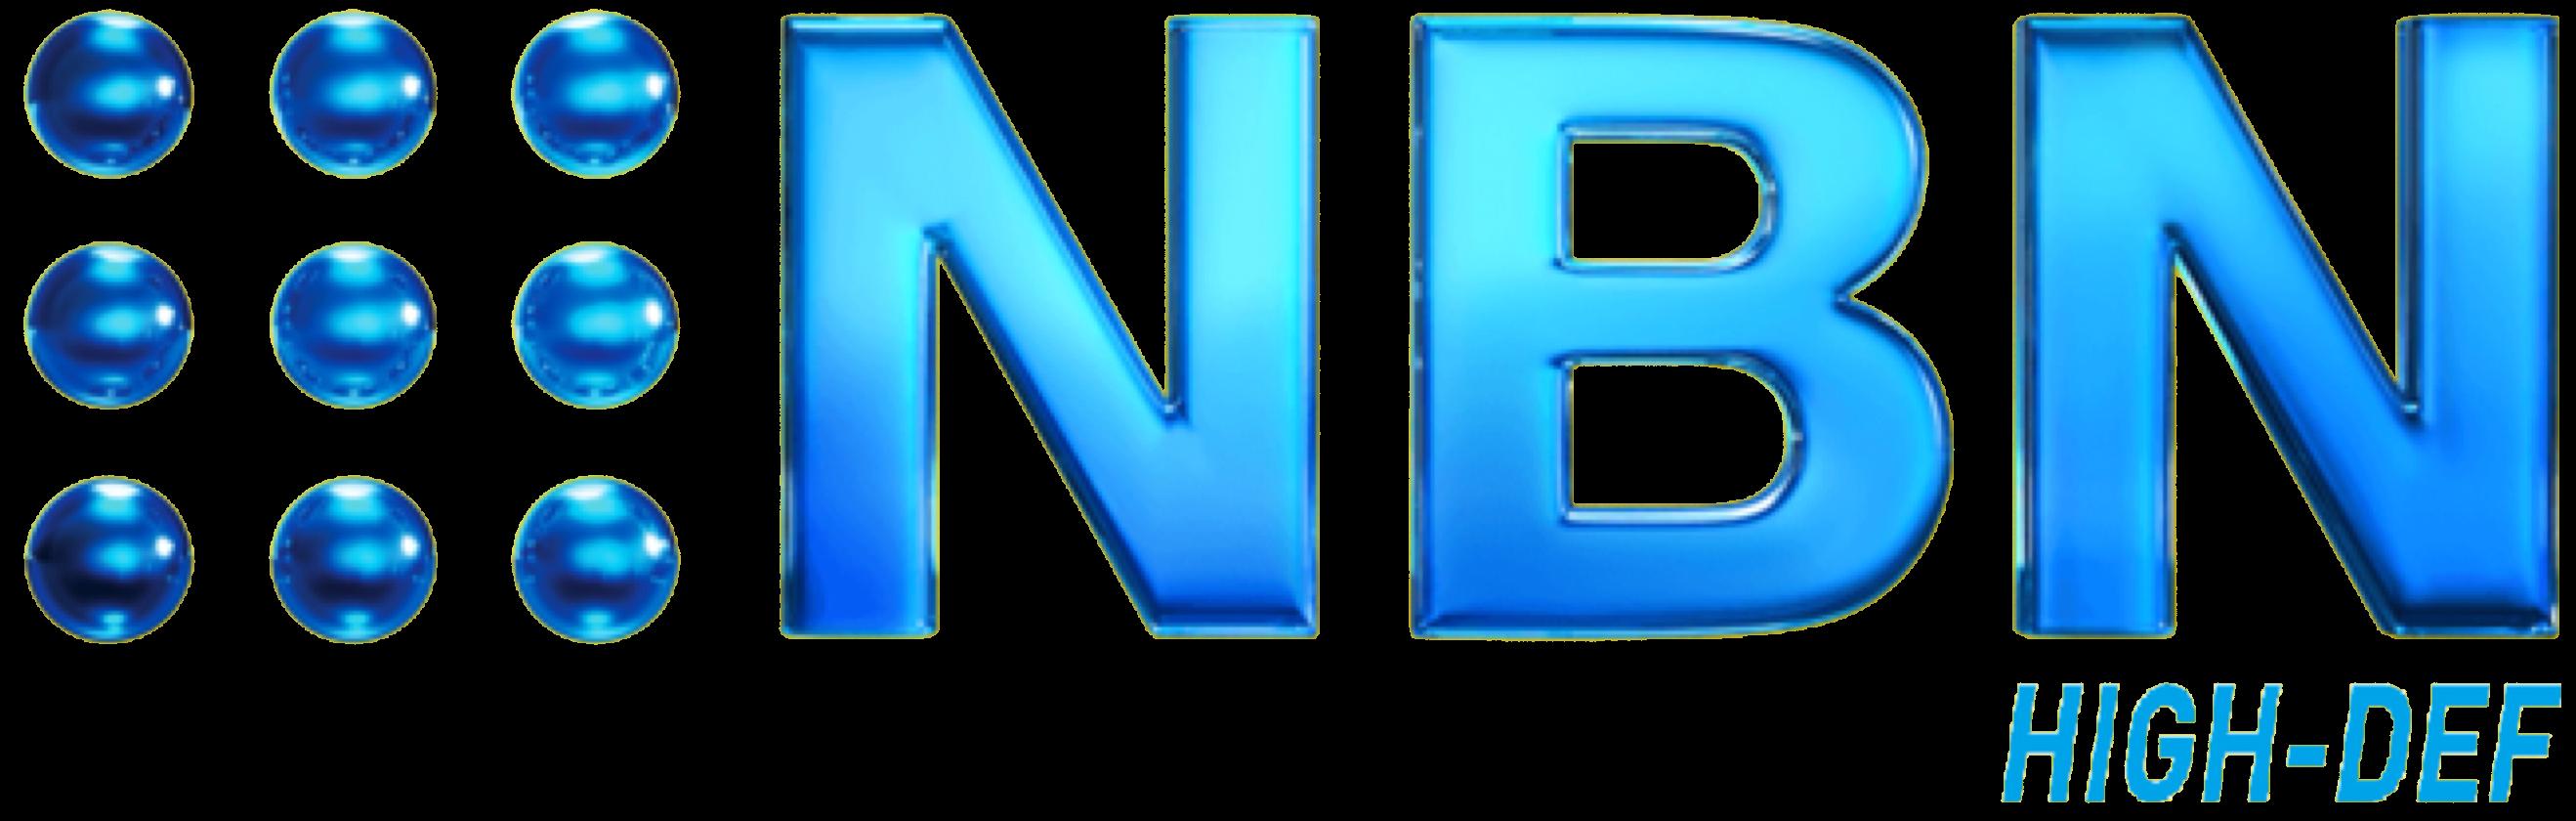 NBNHD2009